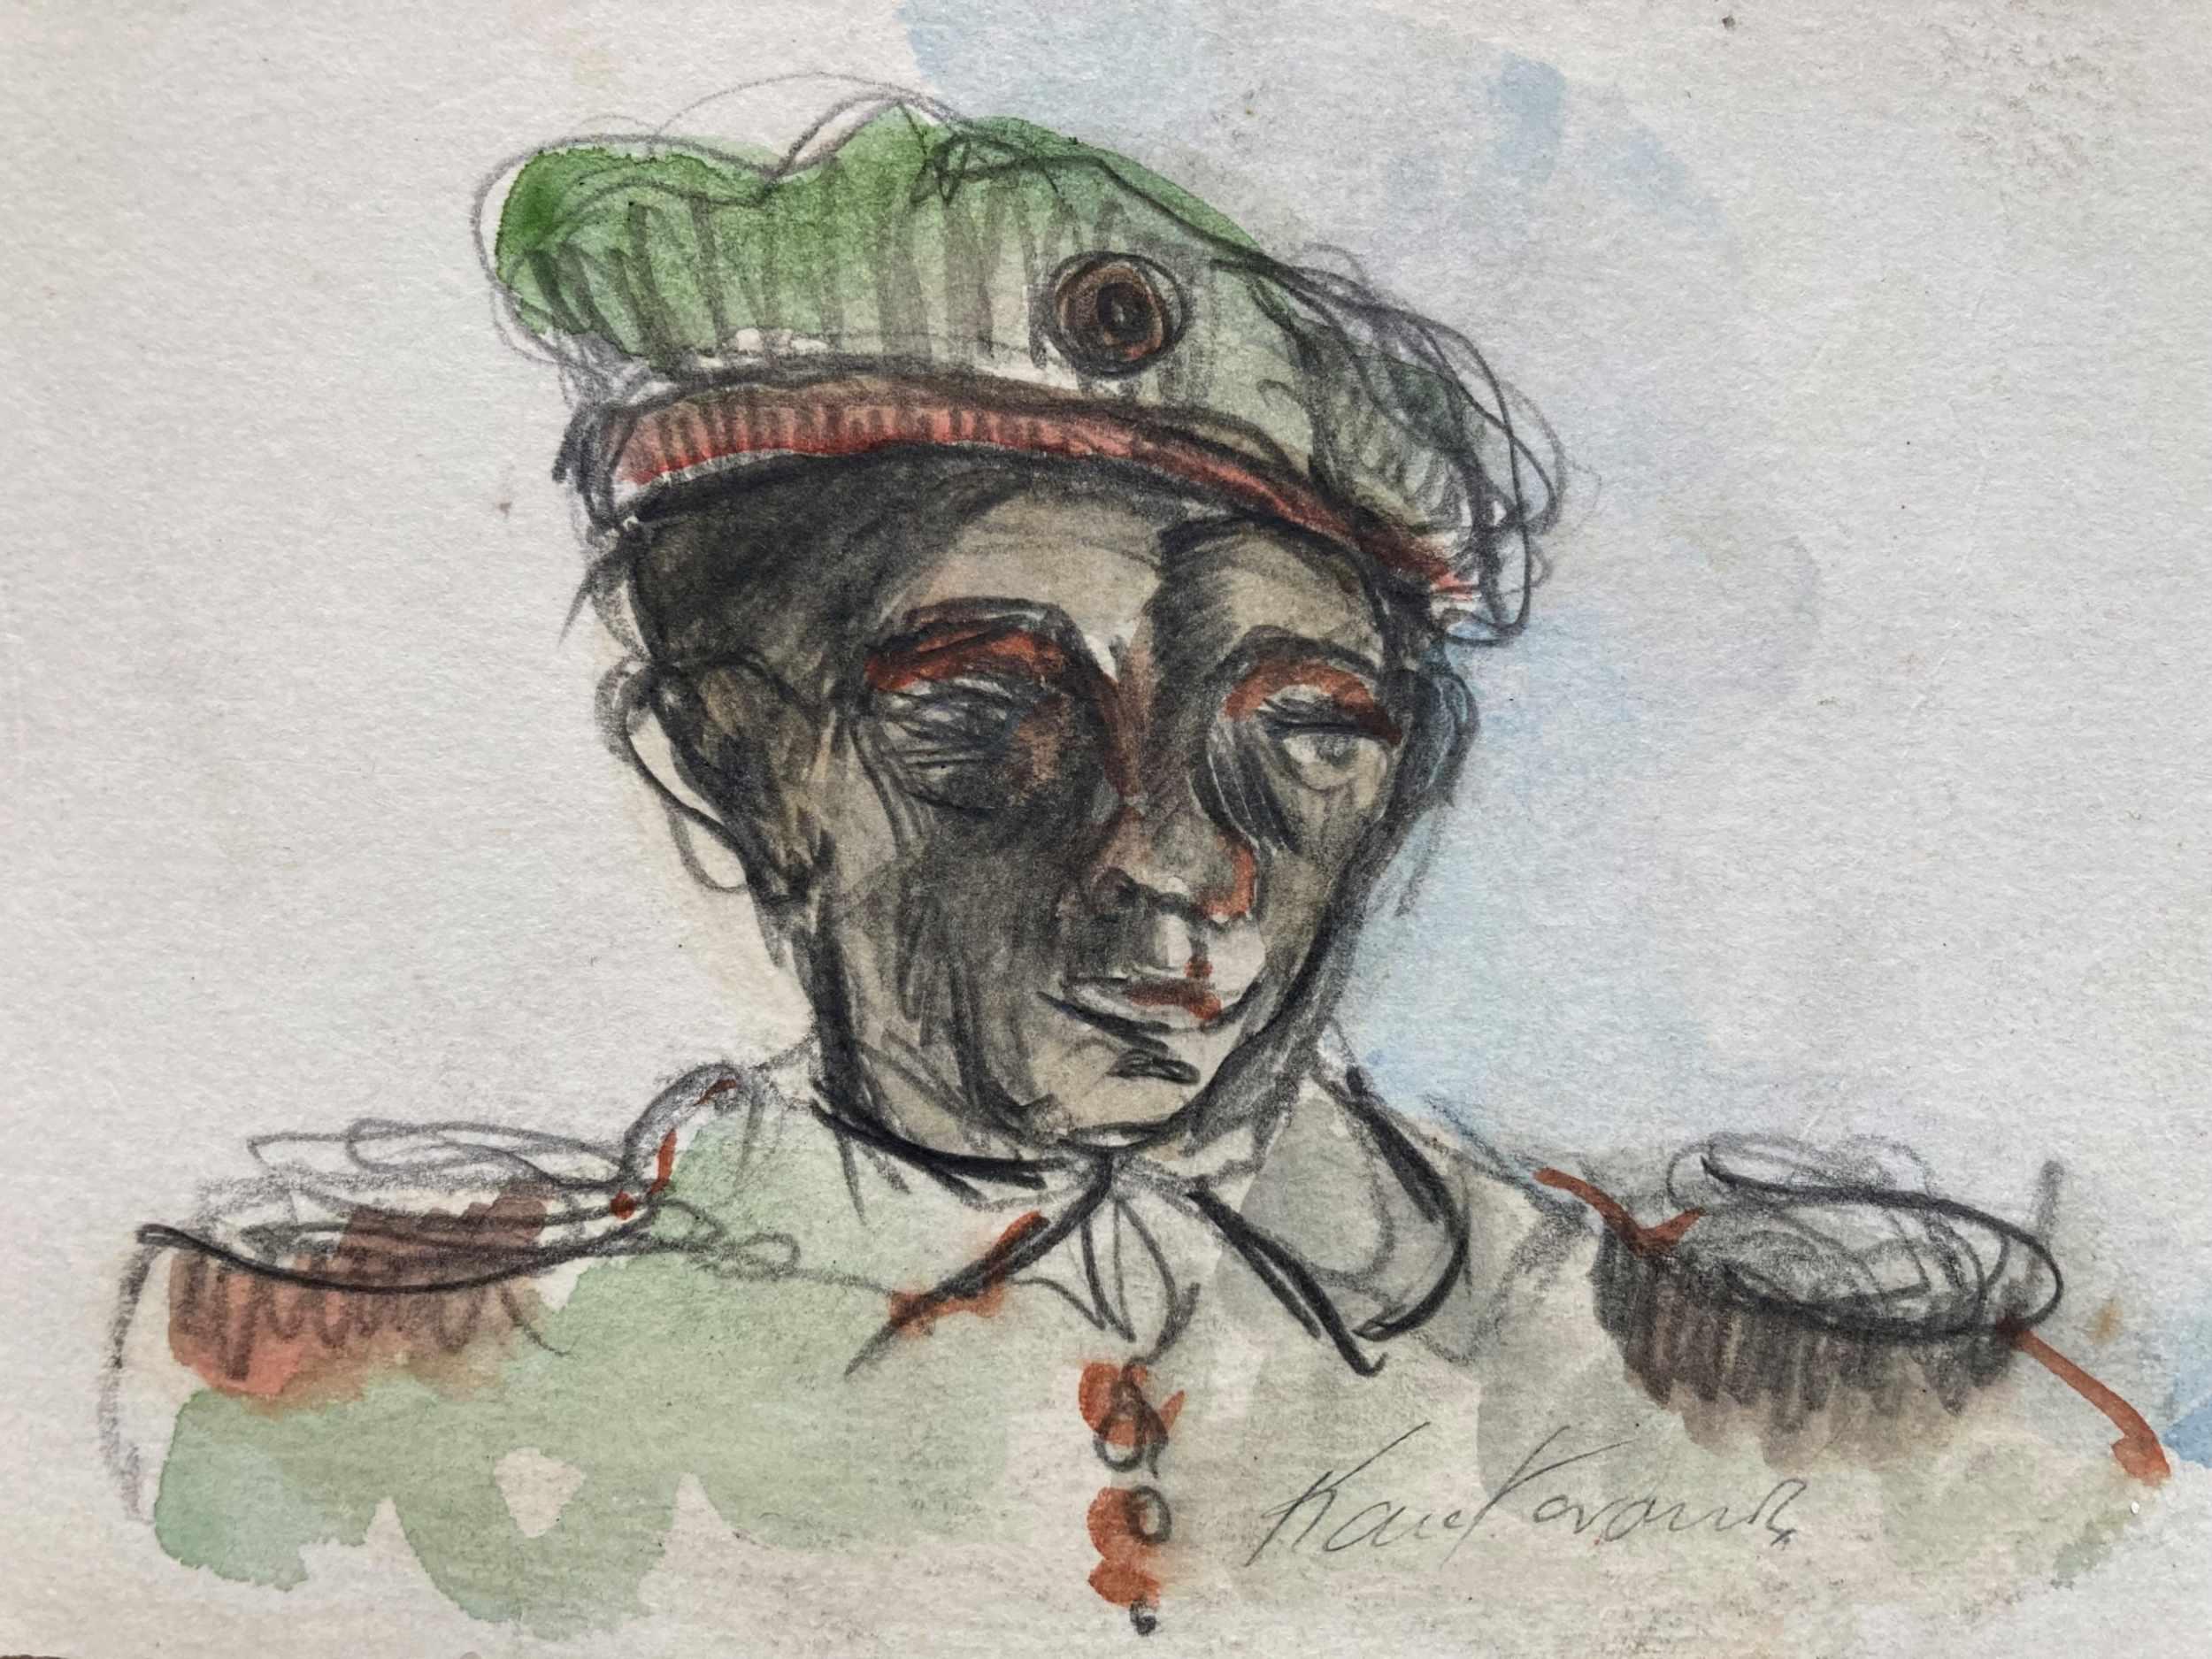 L'histoire du soldat - Serge kantorowicz - 2